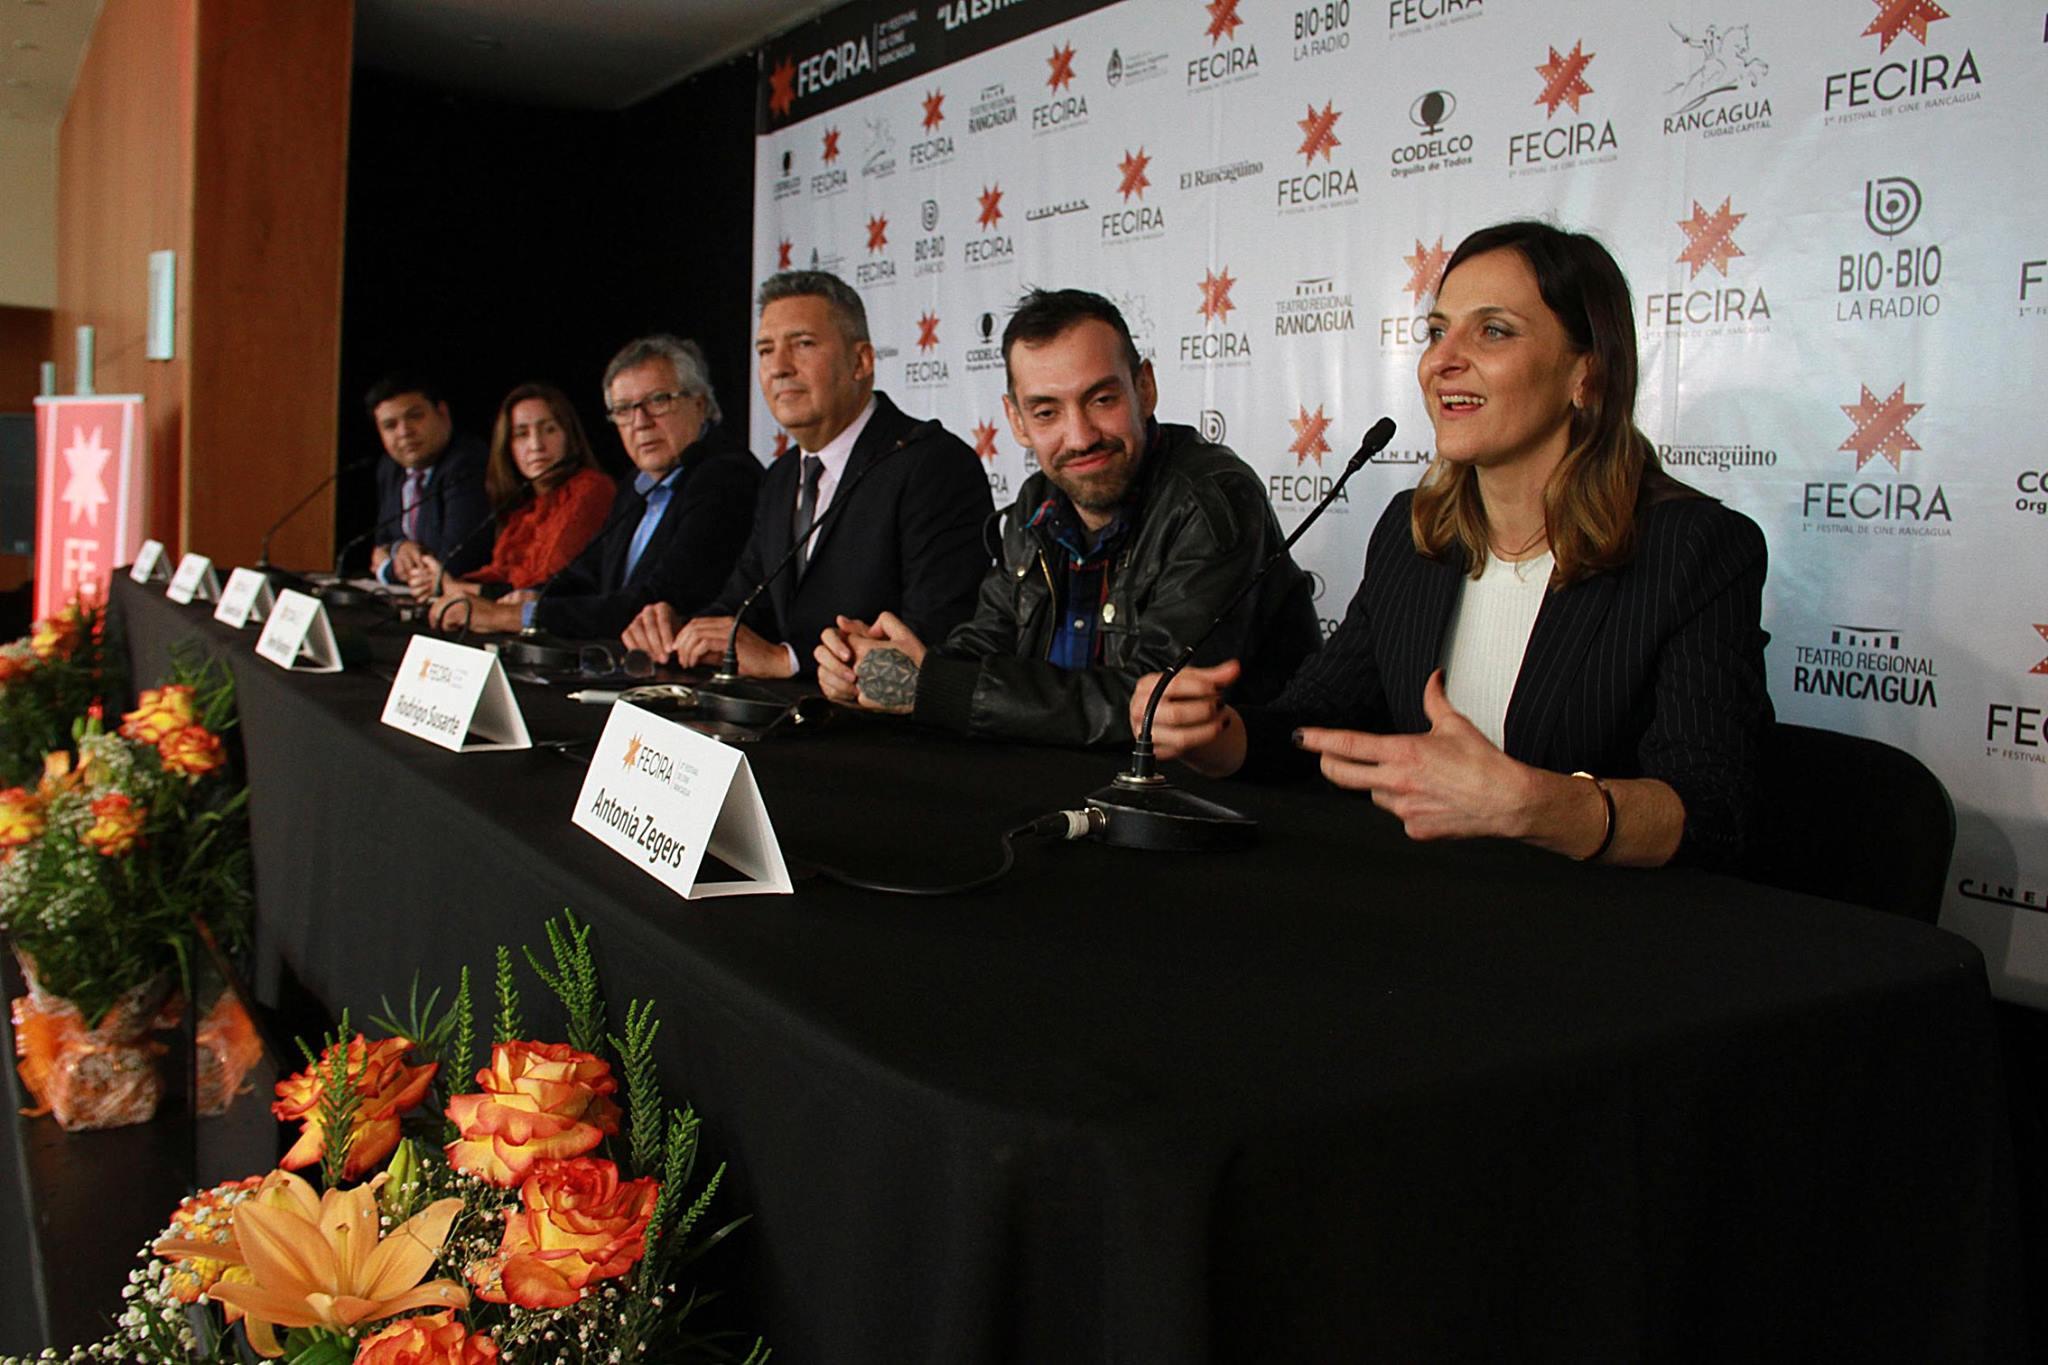 Nueva apuesta: En octubre se estrena la 1ª versión del Festival de Cine de Rancagua